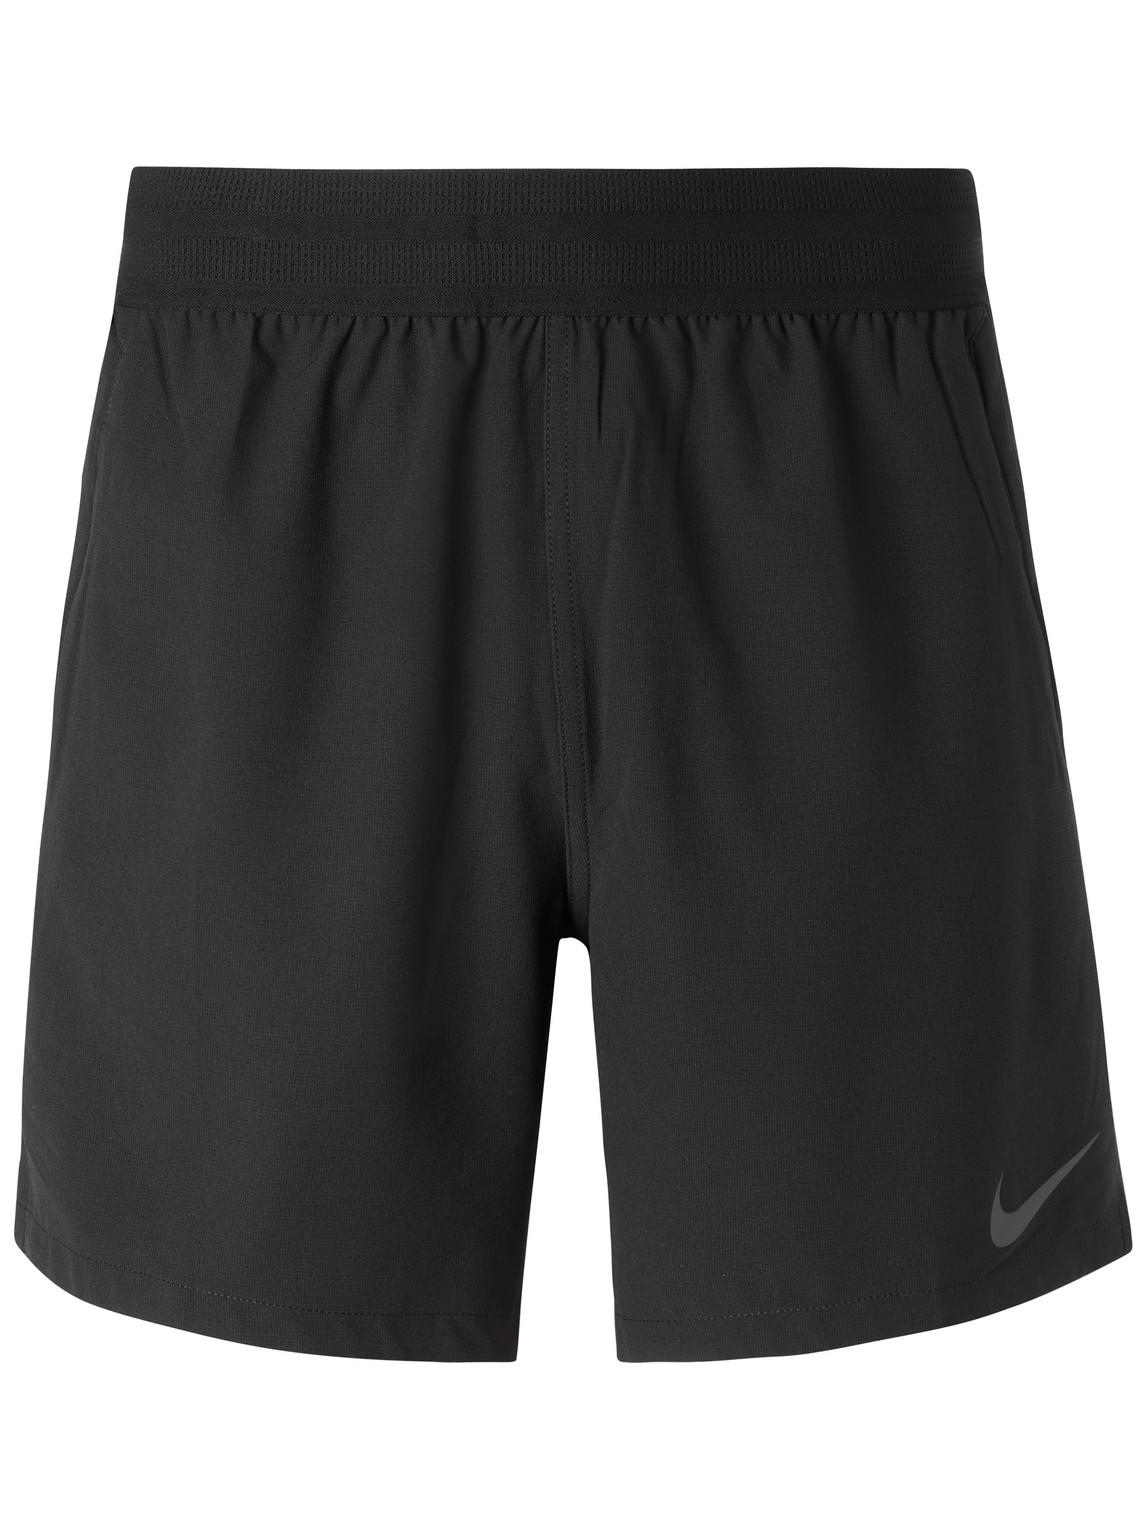 Nike Training - Pro Dri-Fit Shorts - Men - Black - S